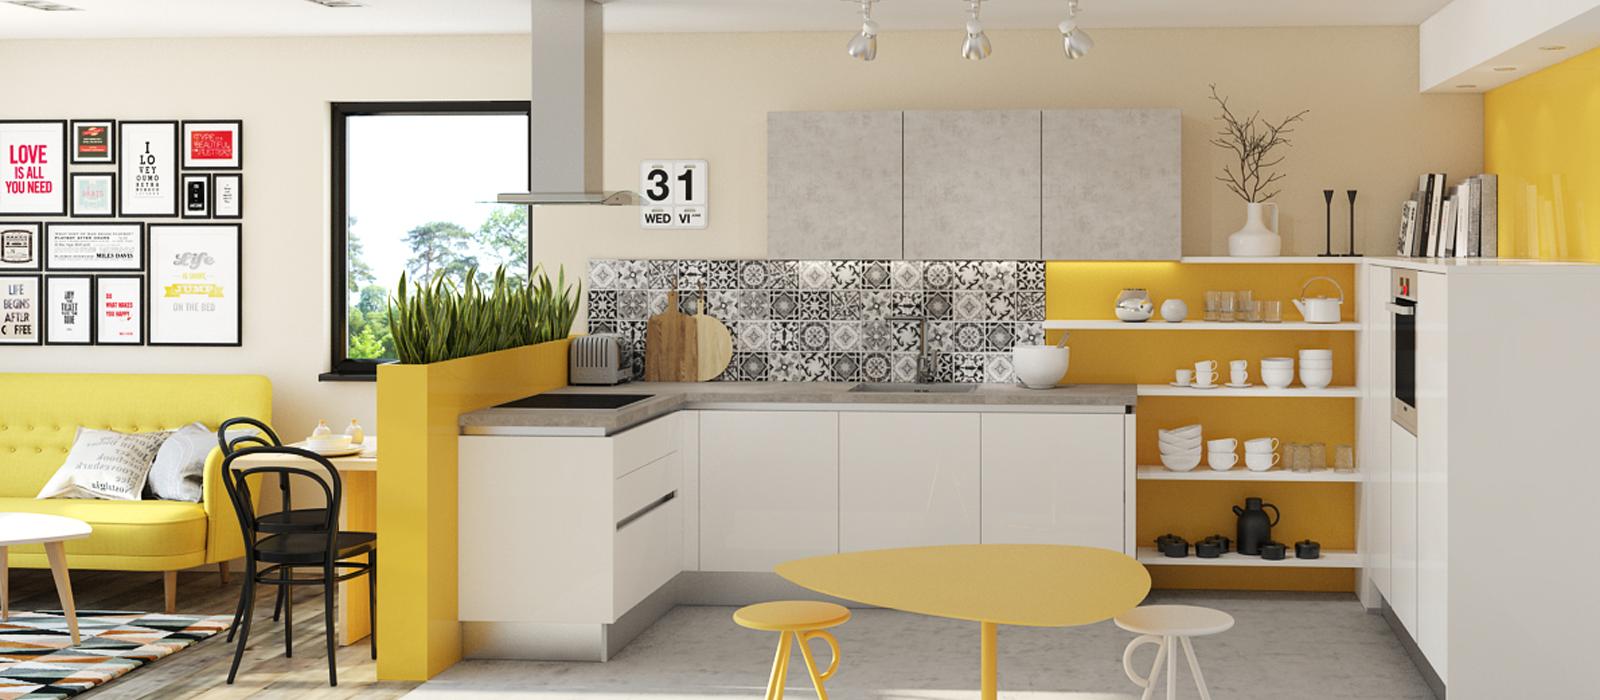 Idée Séparation Cuisine Et Séjour Cuisine Cellier Pinterest - Meuble de separation cuisine sejour pour idees de deco de cuisine